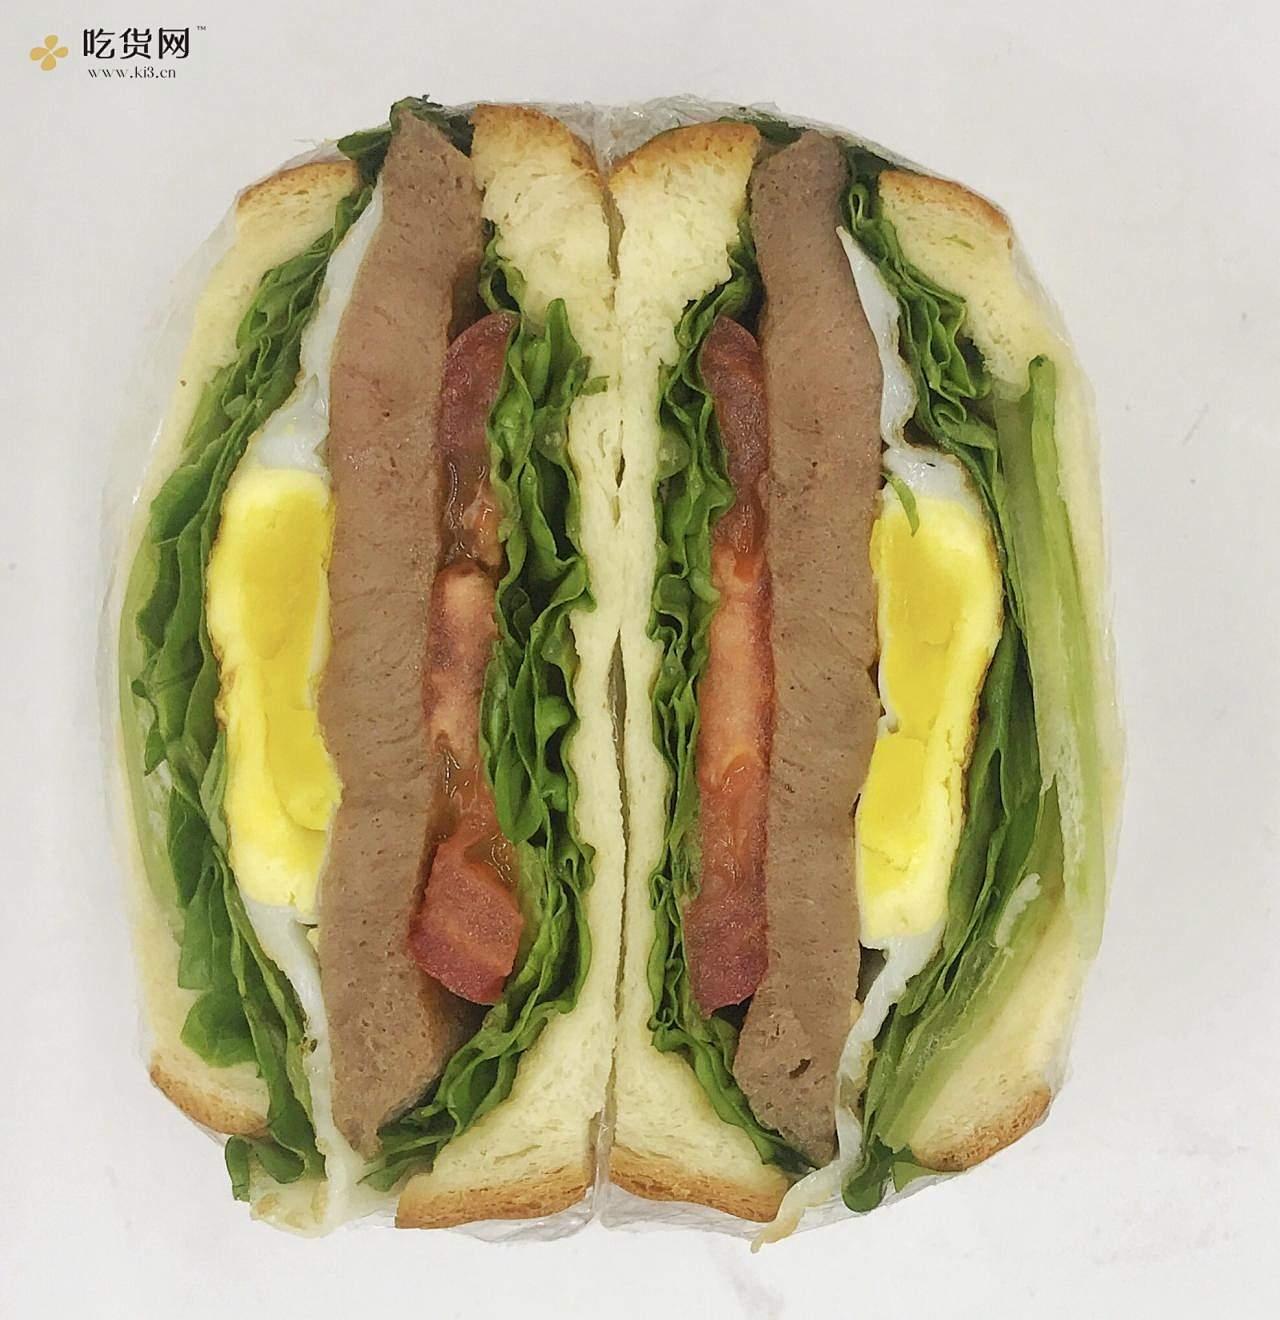 7天不重样系列之低卡减脂三明治的做法 步骤2